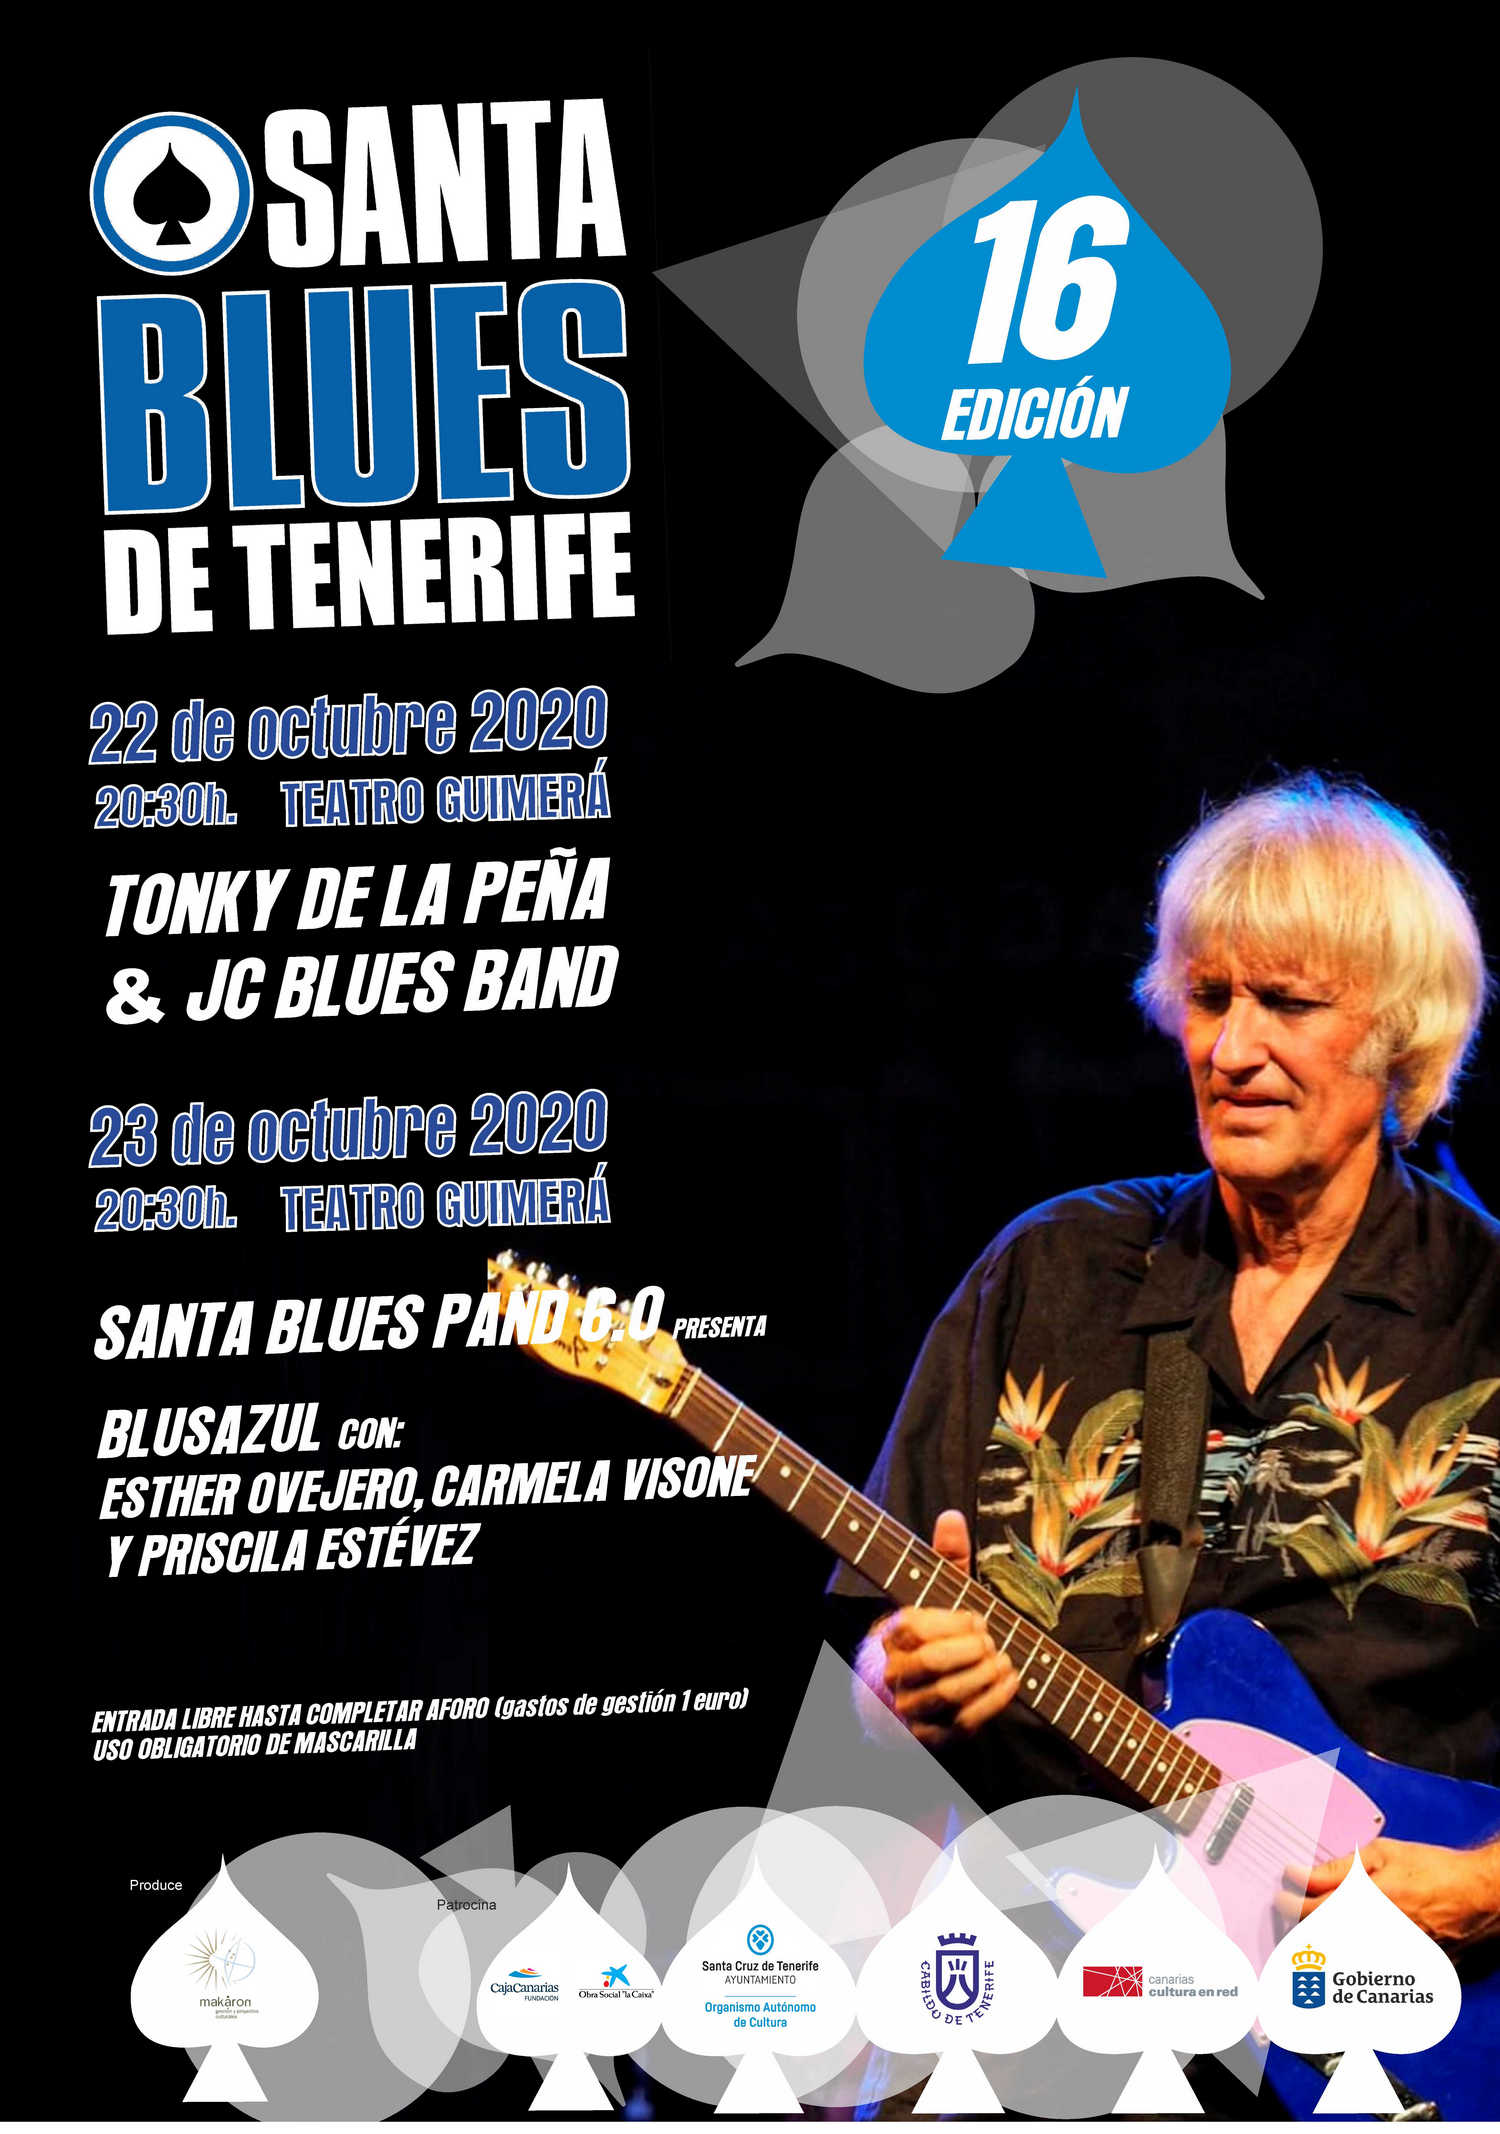 cartel_santa_blues_2020